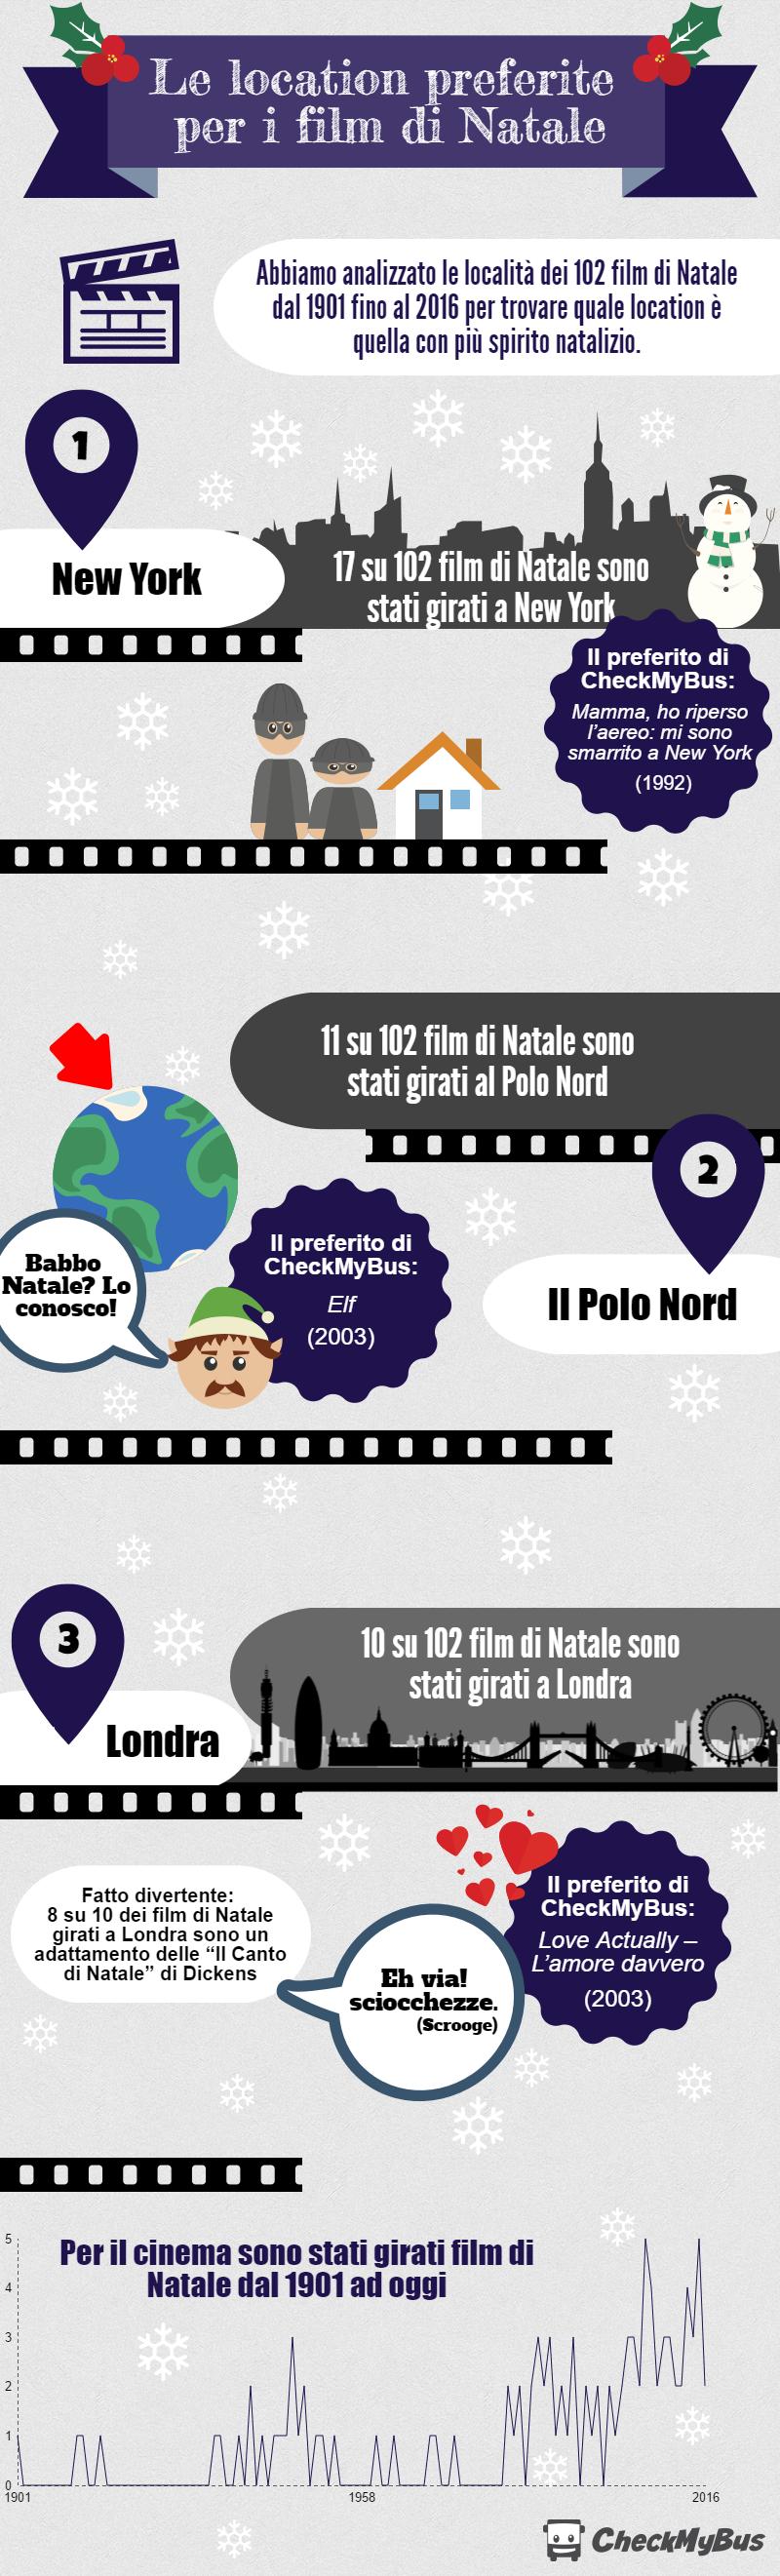 le location preferite per i film di Natale